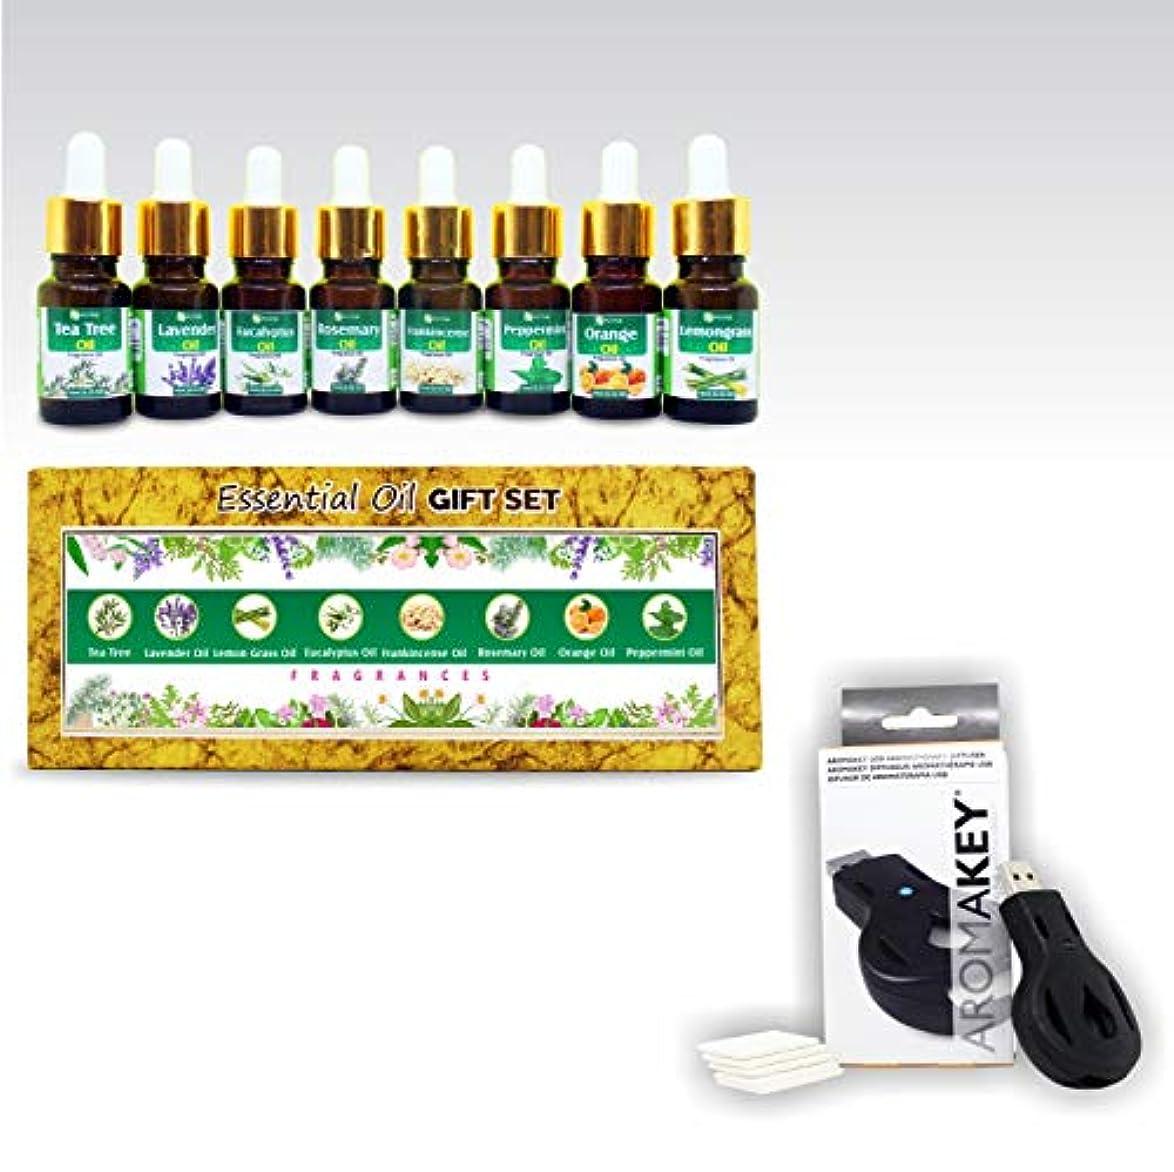 マザーランド愚かリズムAromatherapy Essential Oils - Gift set (Pack of 8) 100% Pure & Natural Plus Aromakey USB Personal Diffuser, Humidifier...